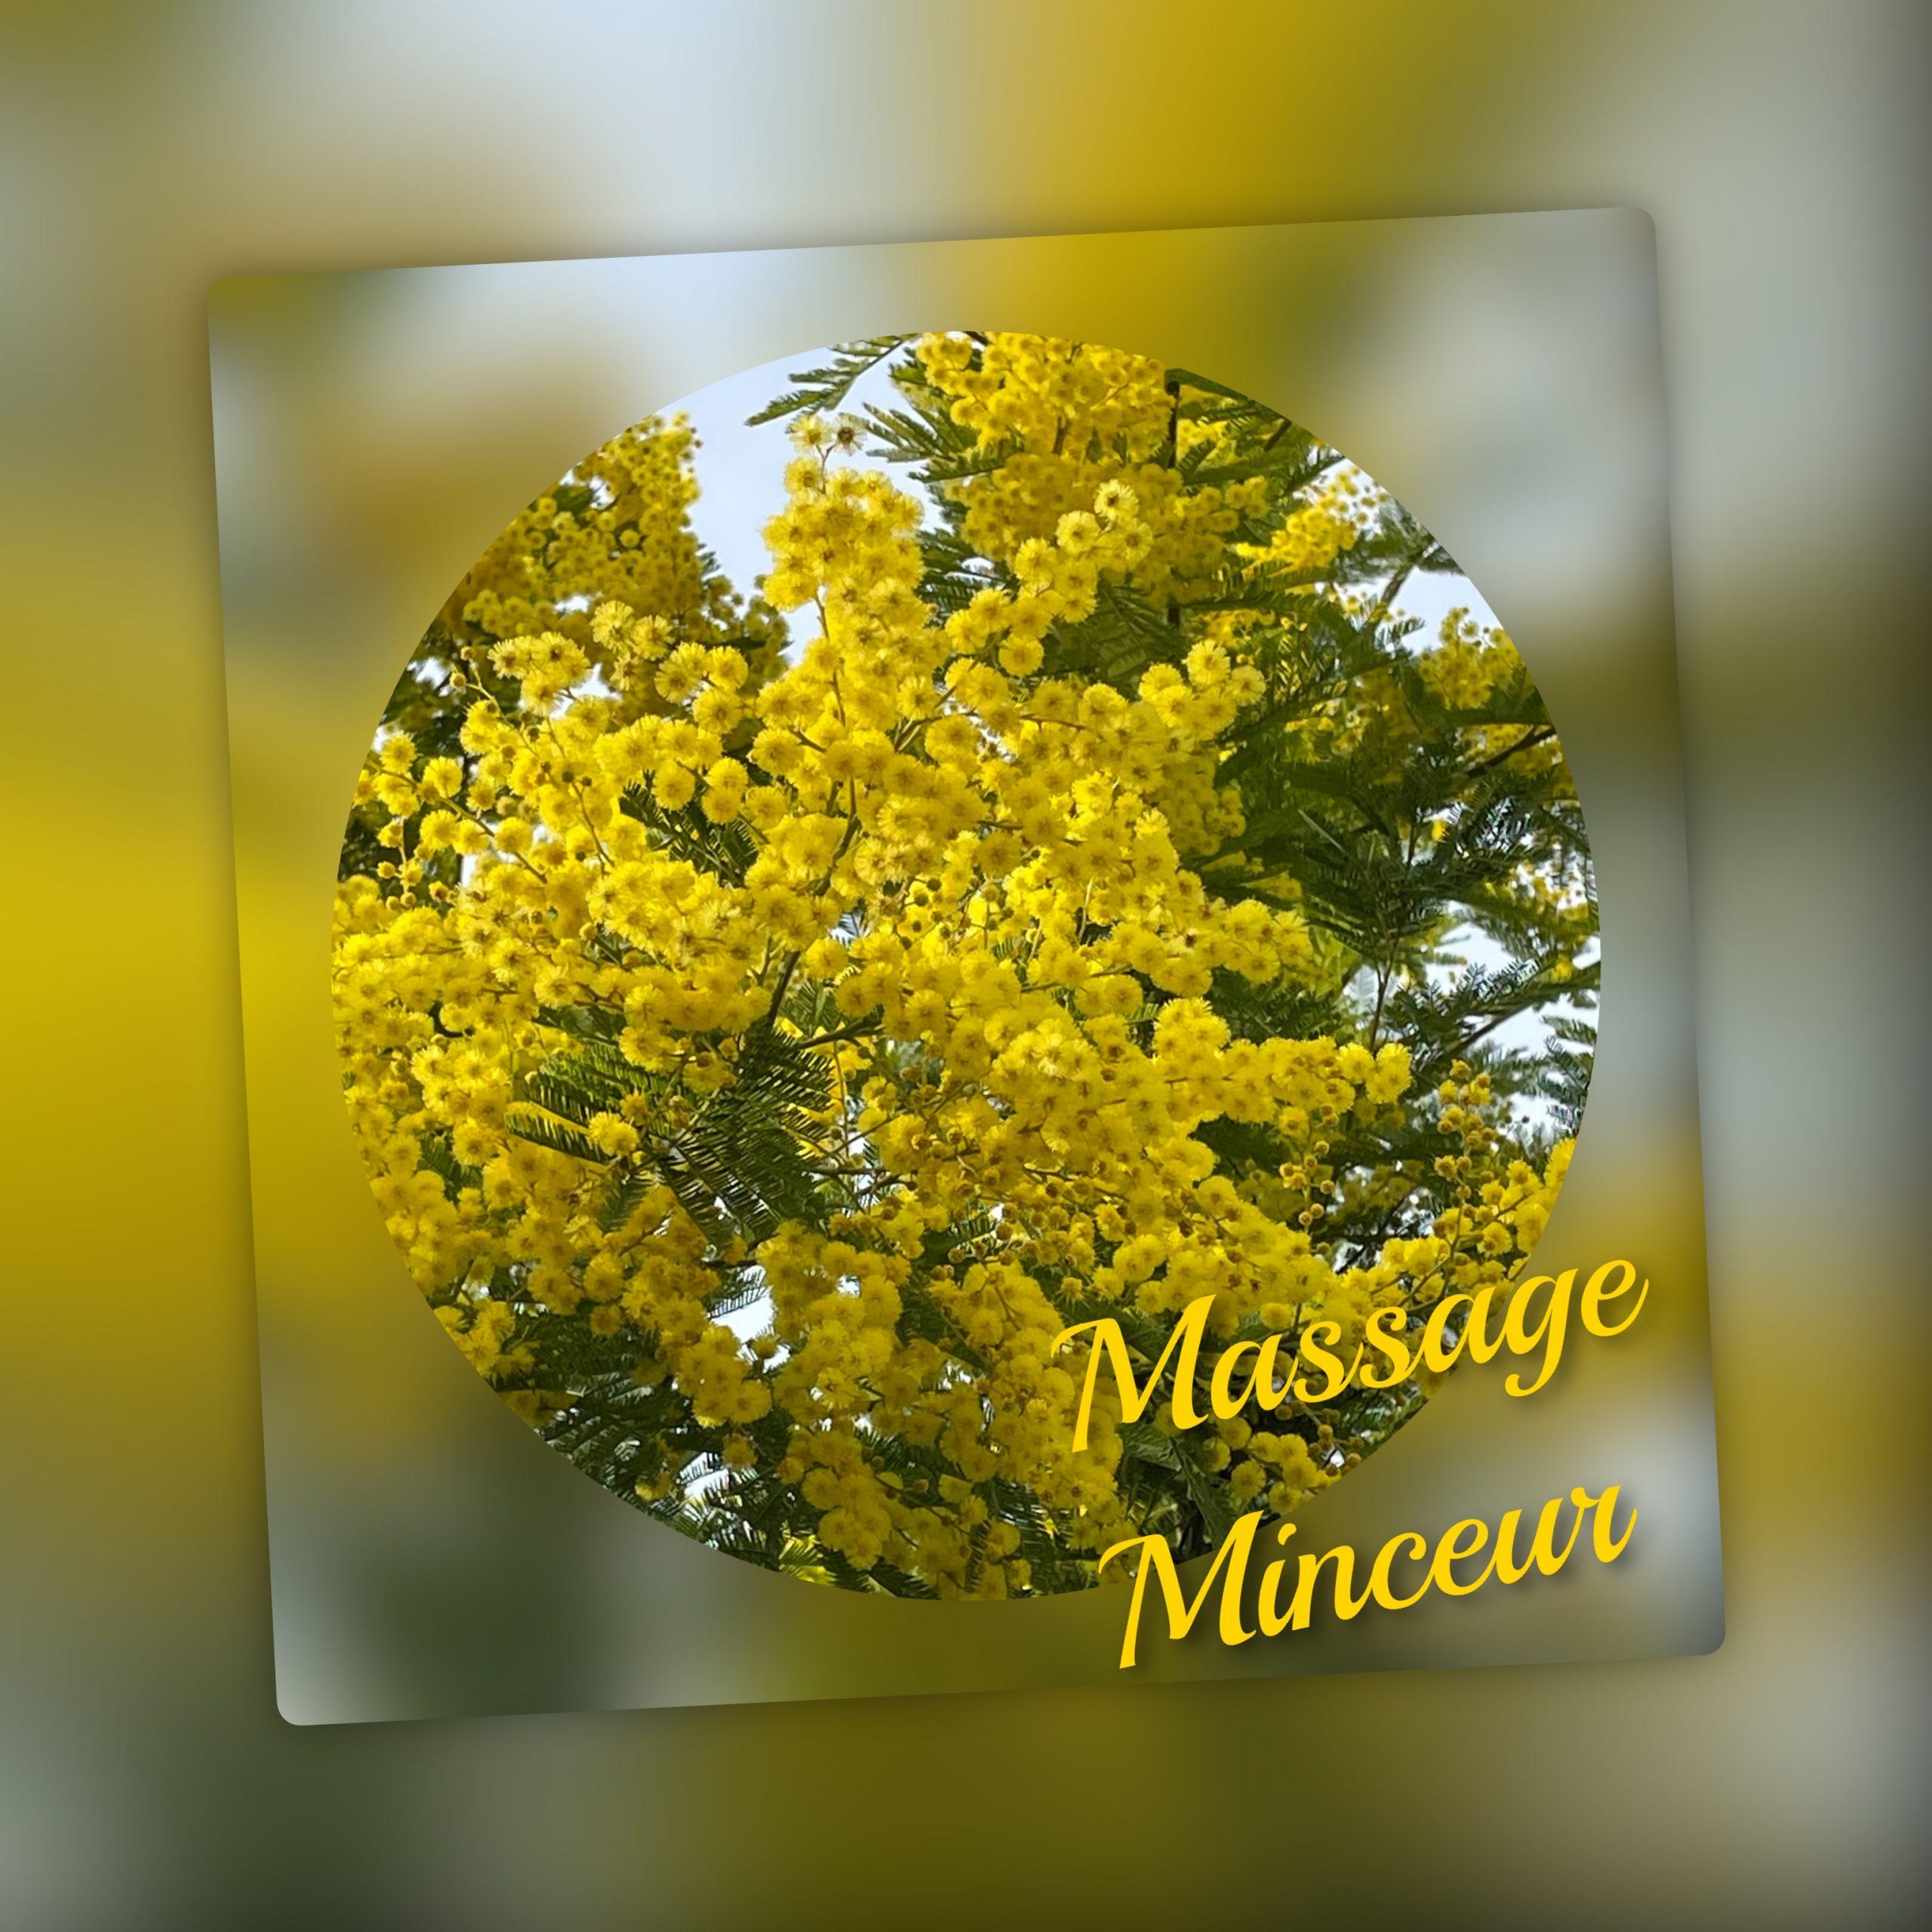 image massage minceur